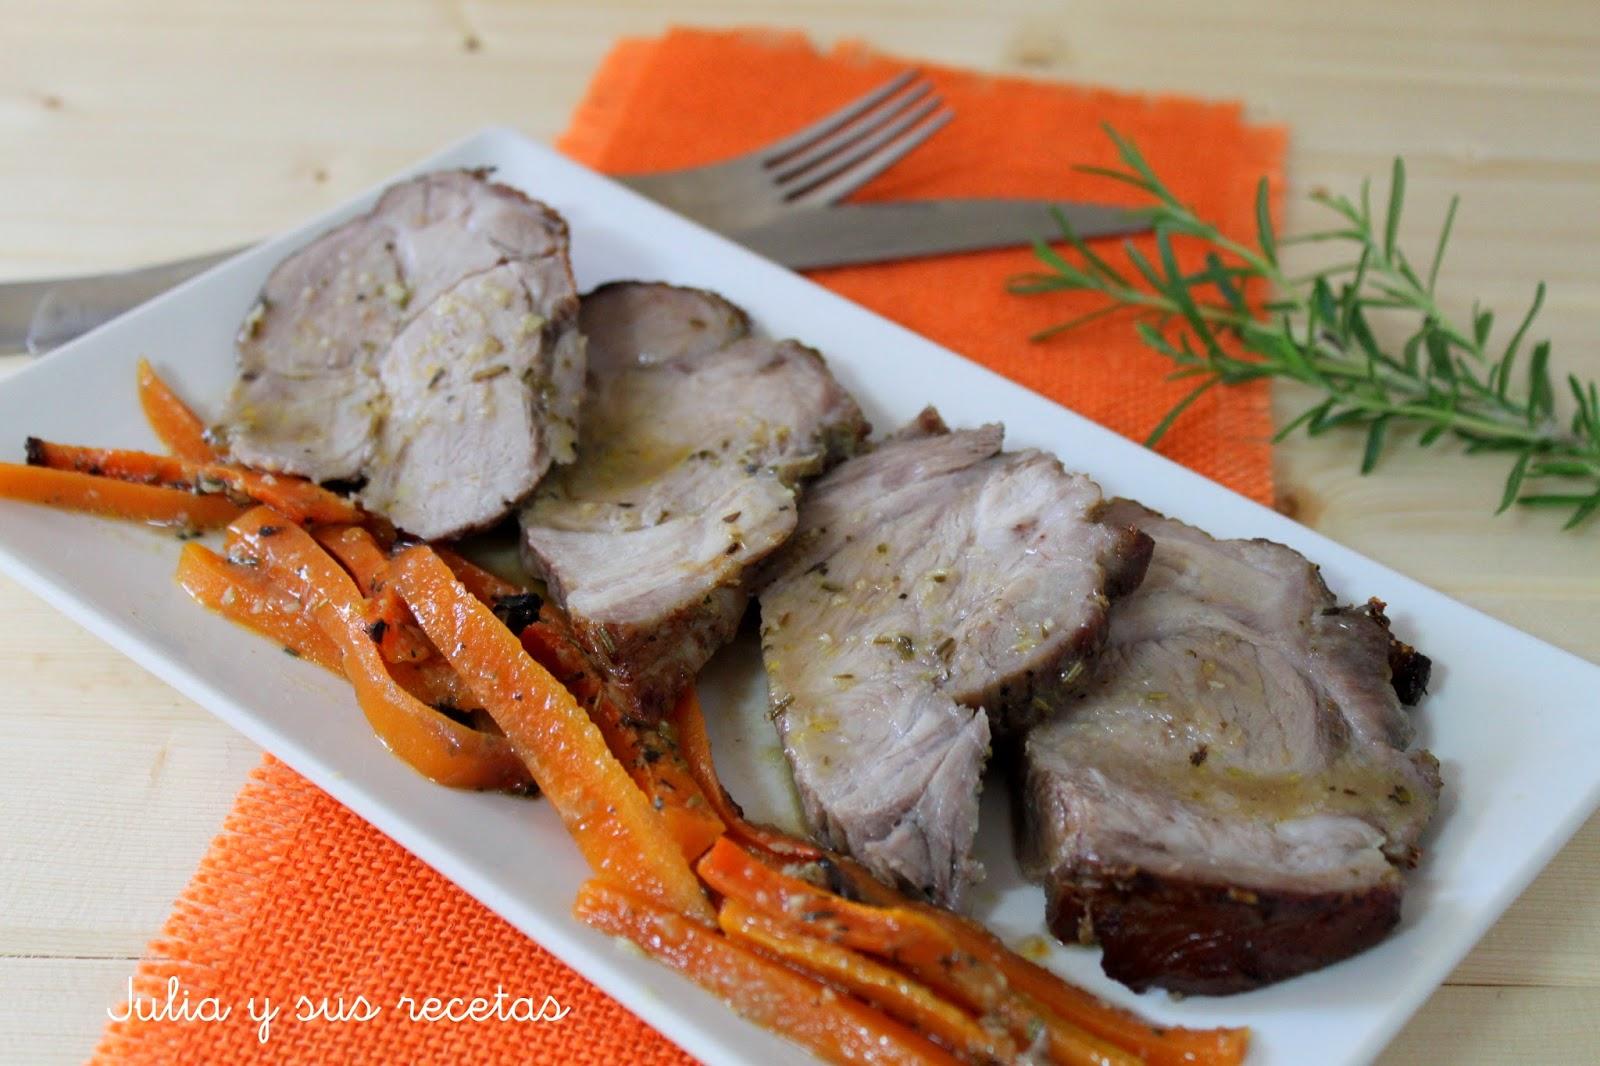 Aguja de cerdo al horno con zanahorias. Julia y sus recetas